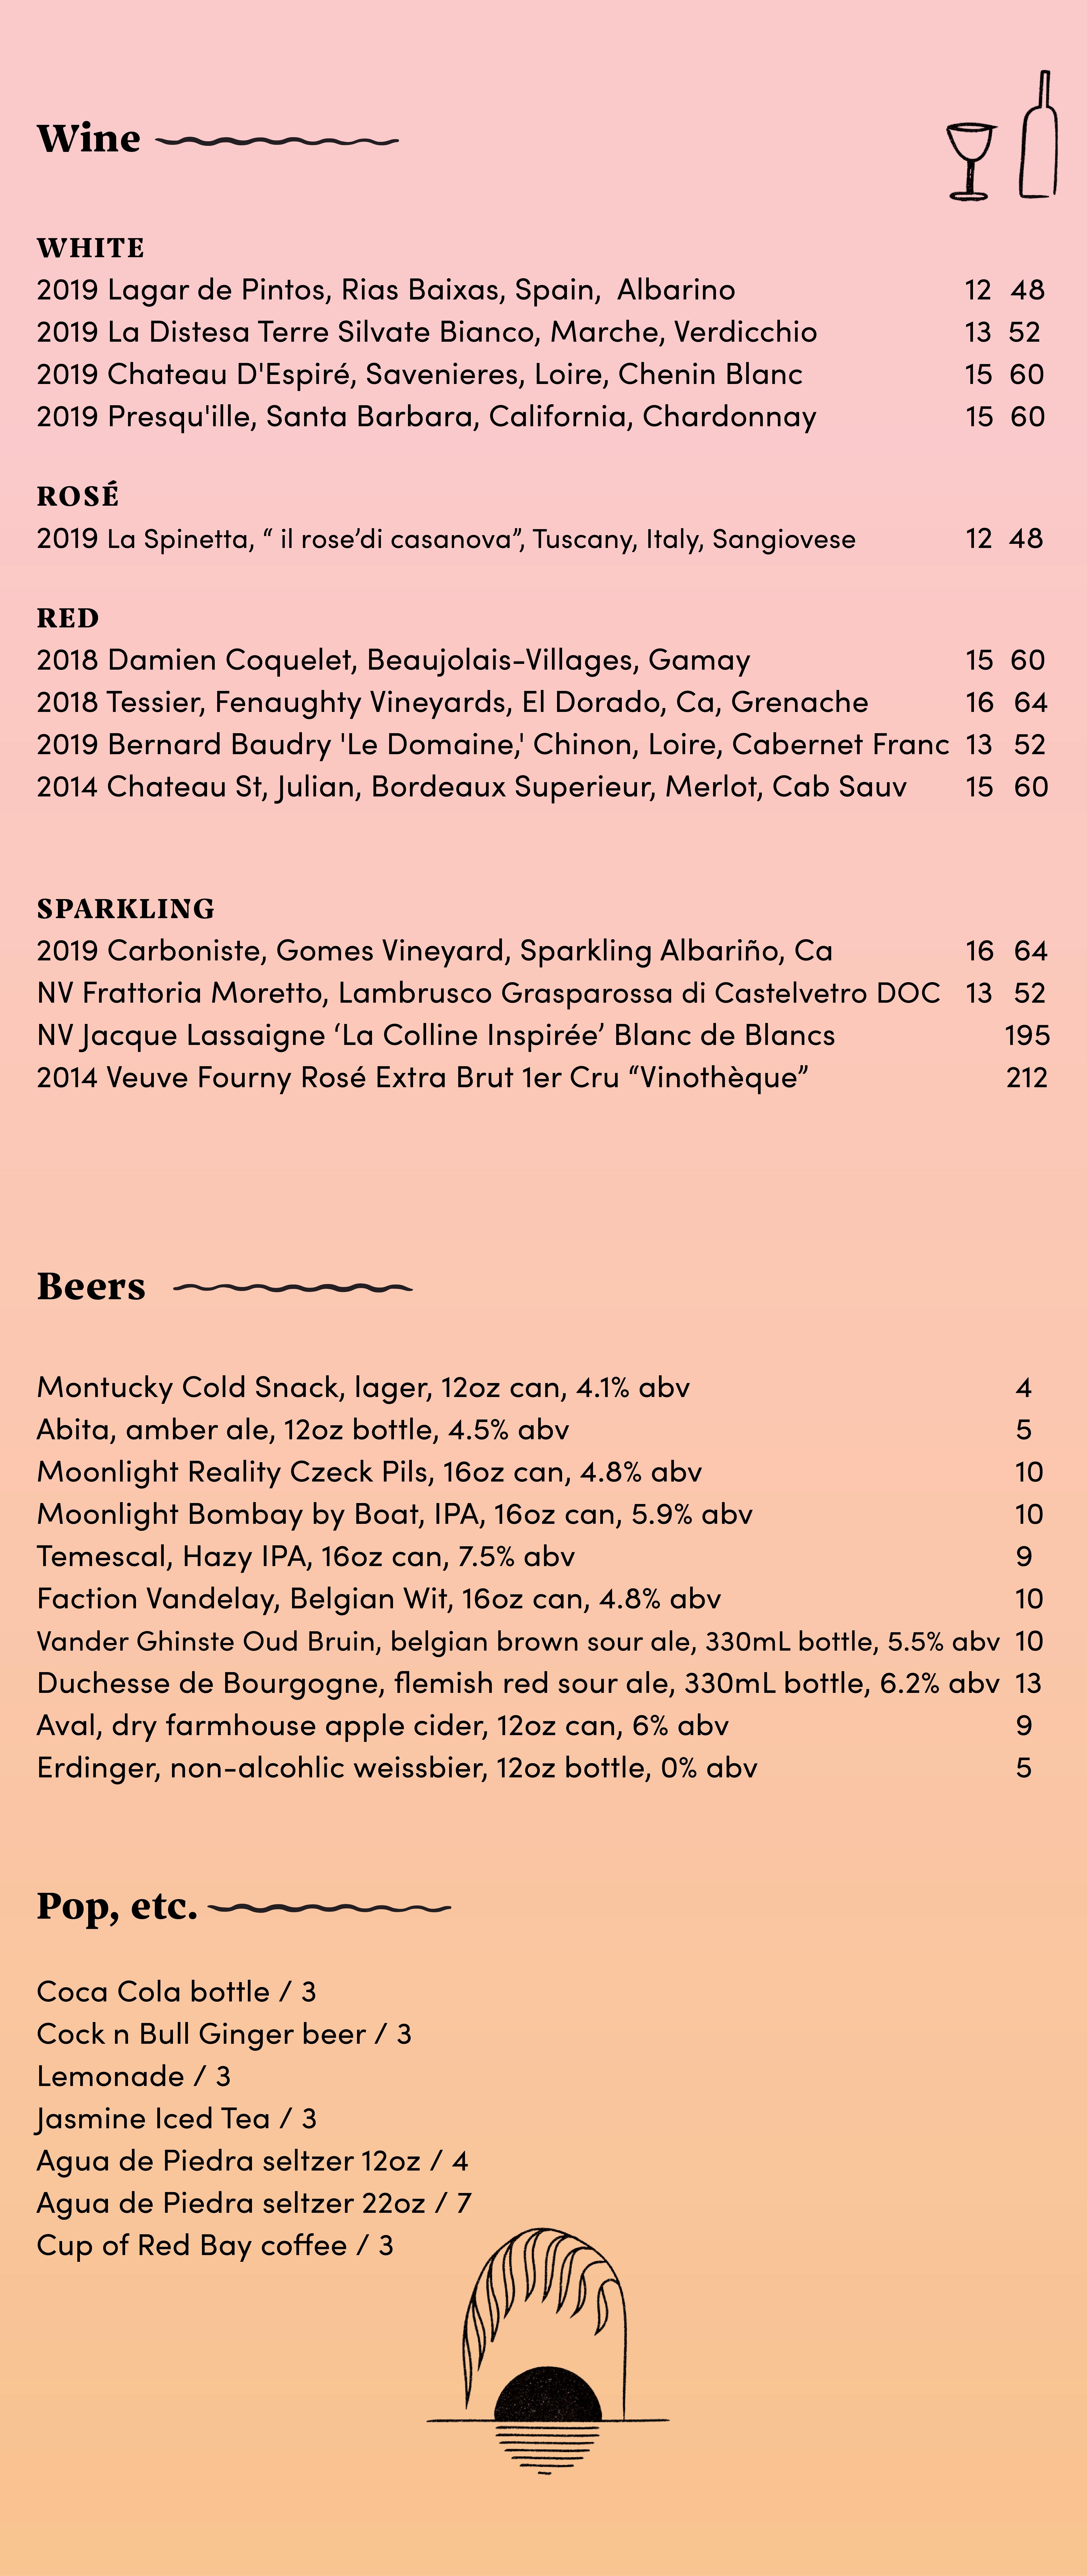 menu of wine, beer and soda pop